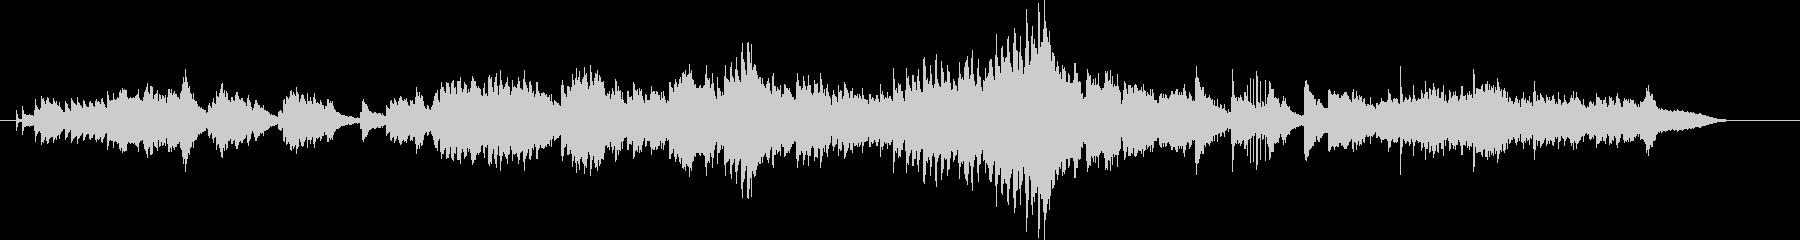 憂いのある短めのピアノバラードの未再生の波形